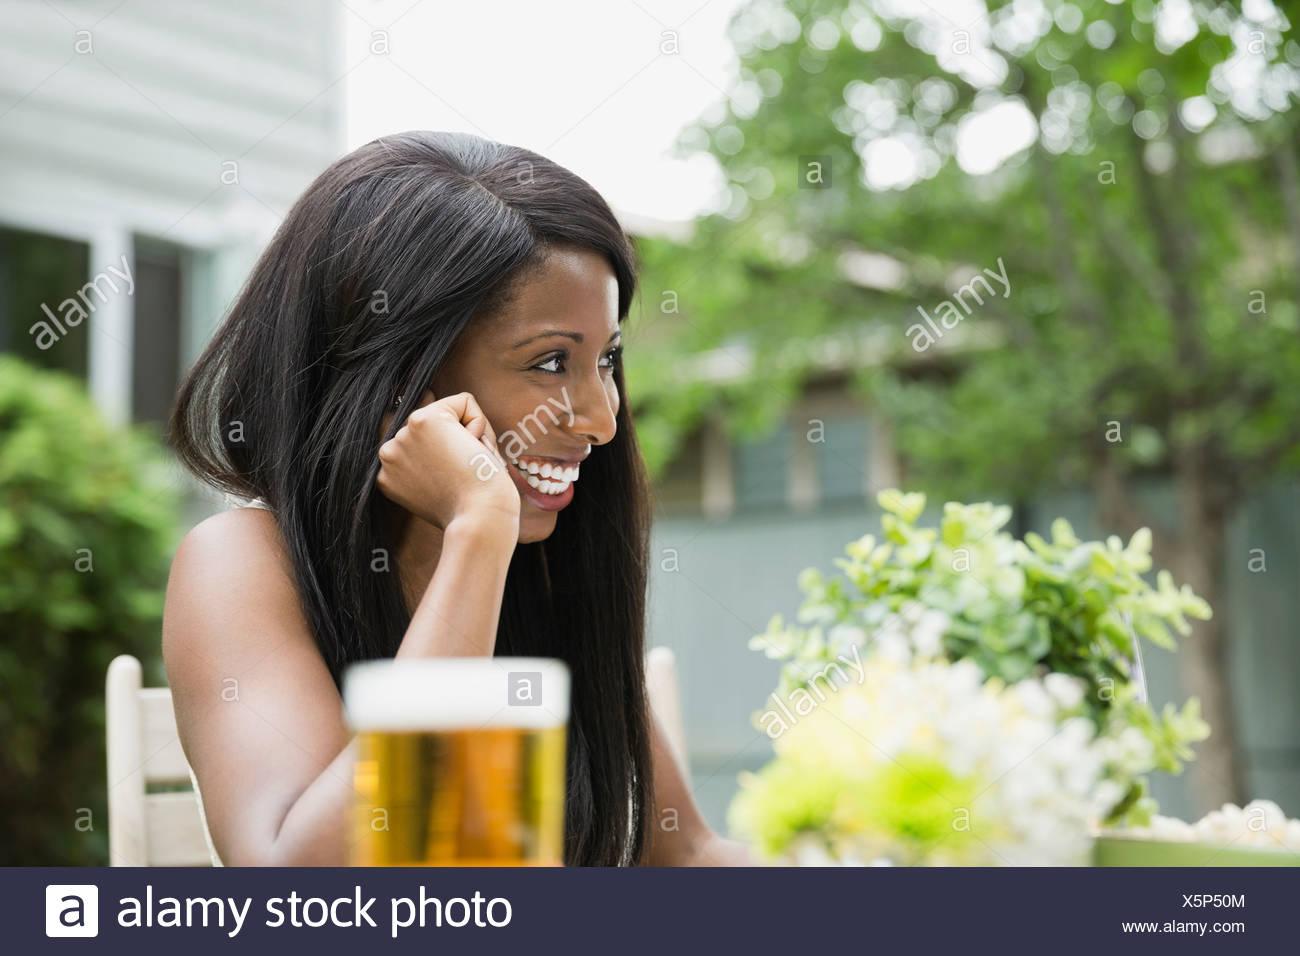 Allegra donna seduta in back yard guardando lontano Immagini Stock